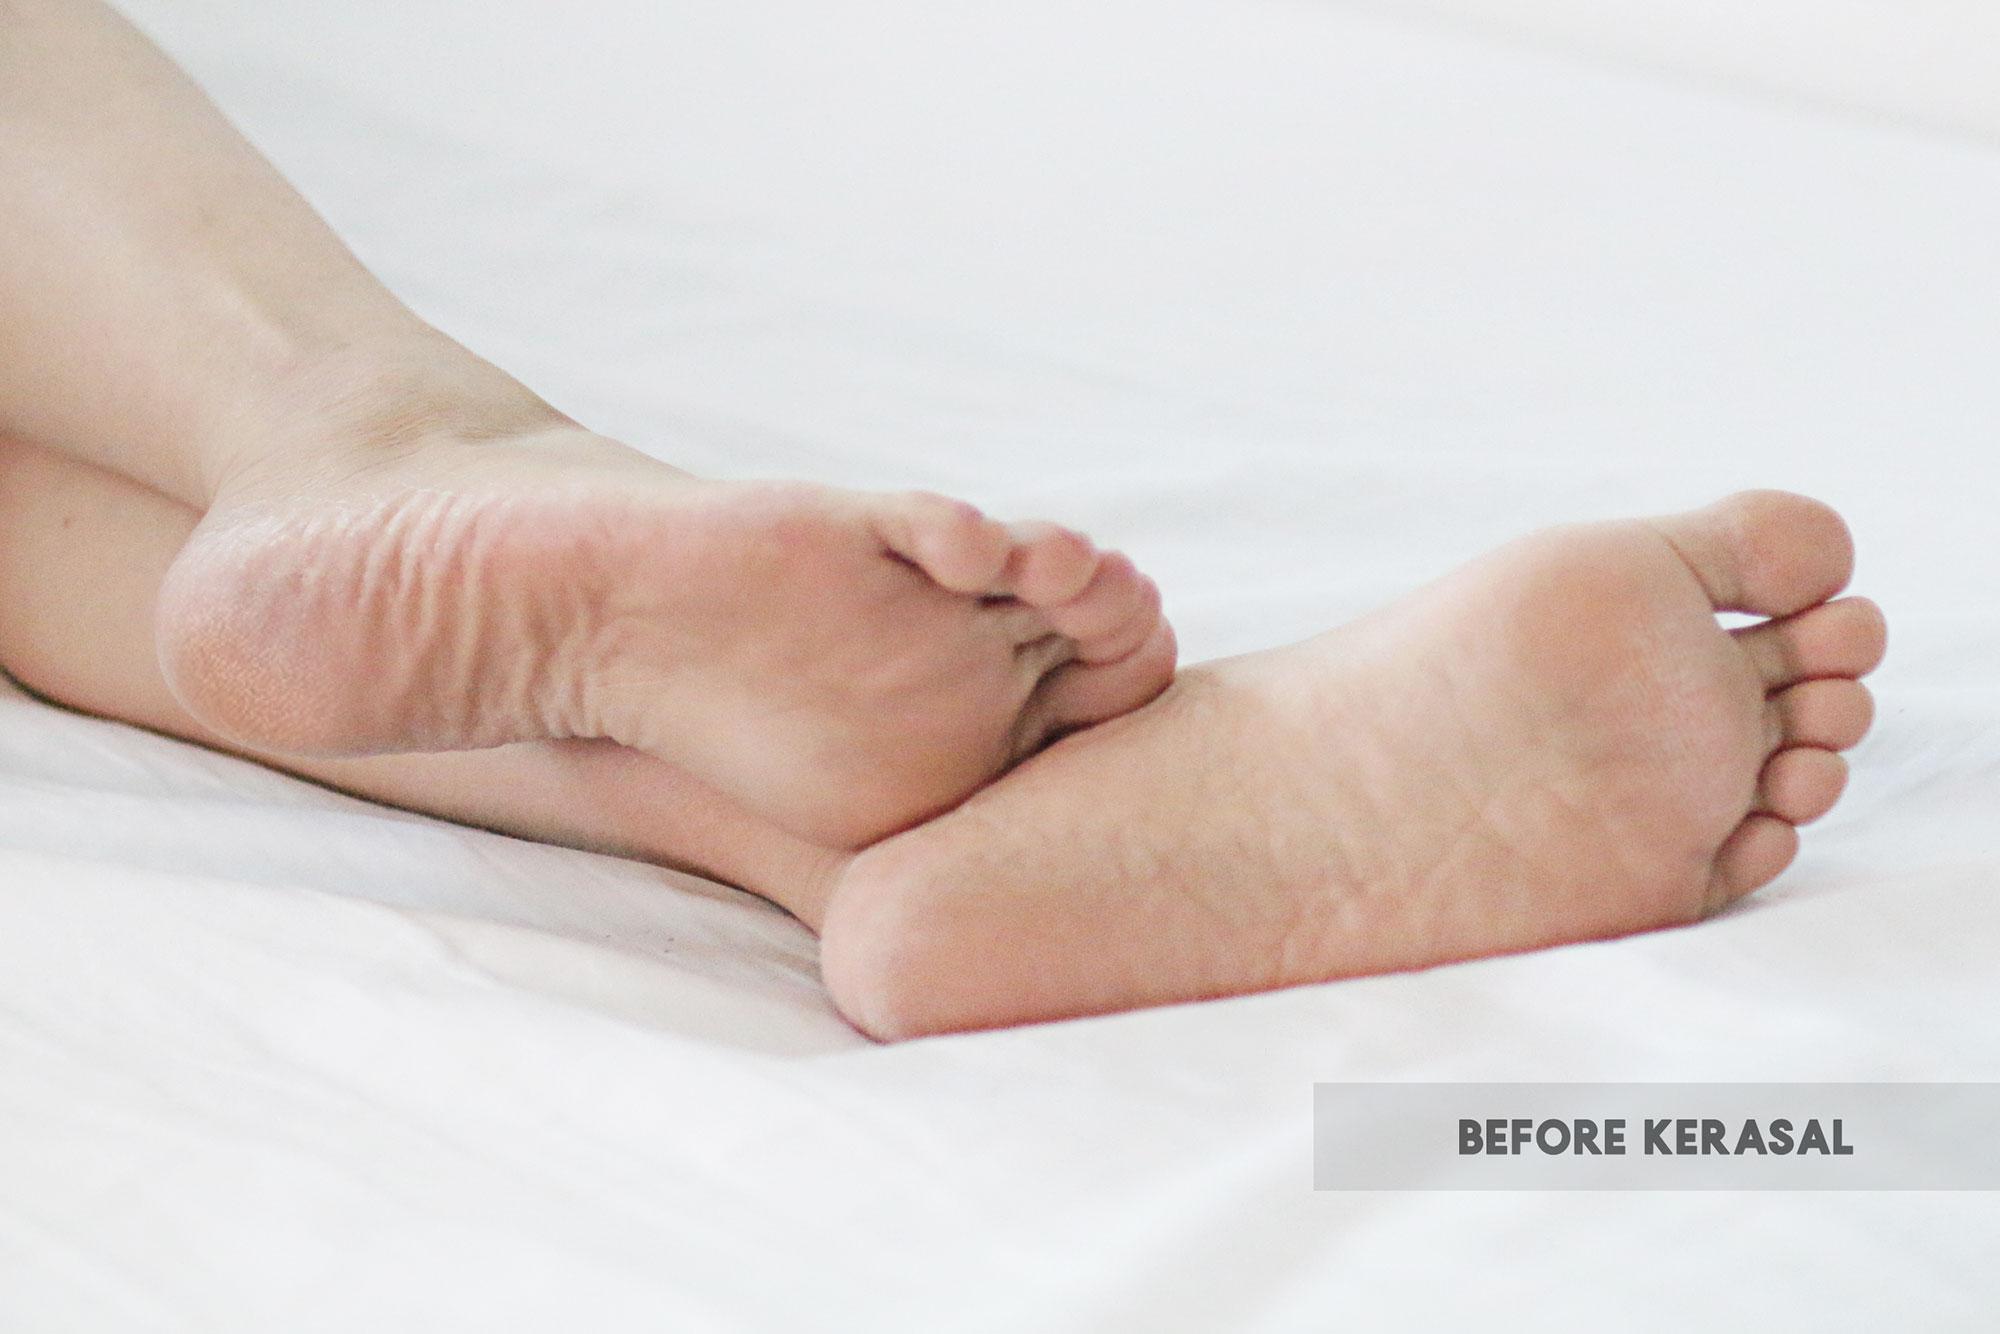 Before Kerasal Intensive Foot Repair